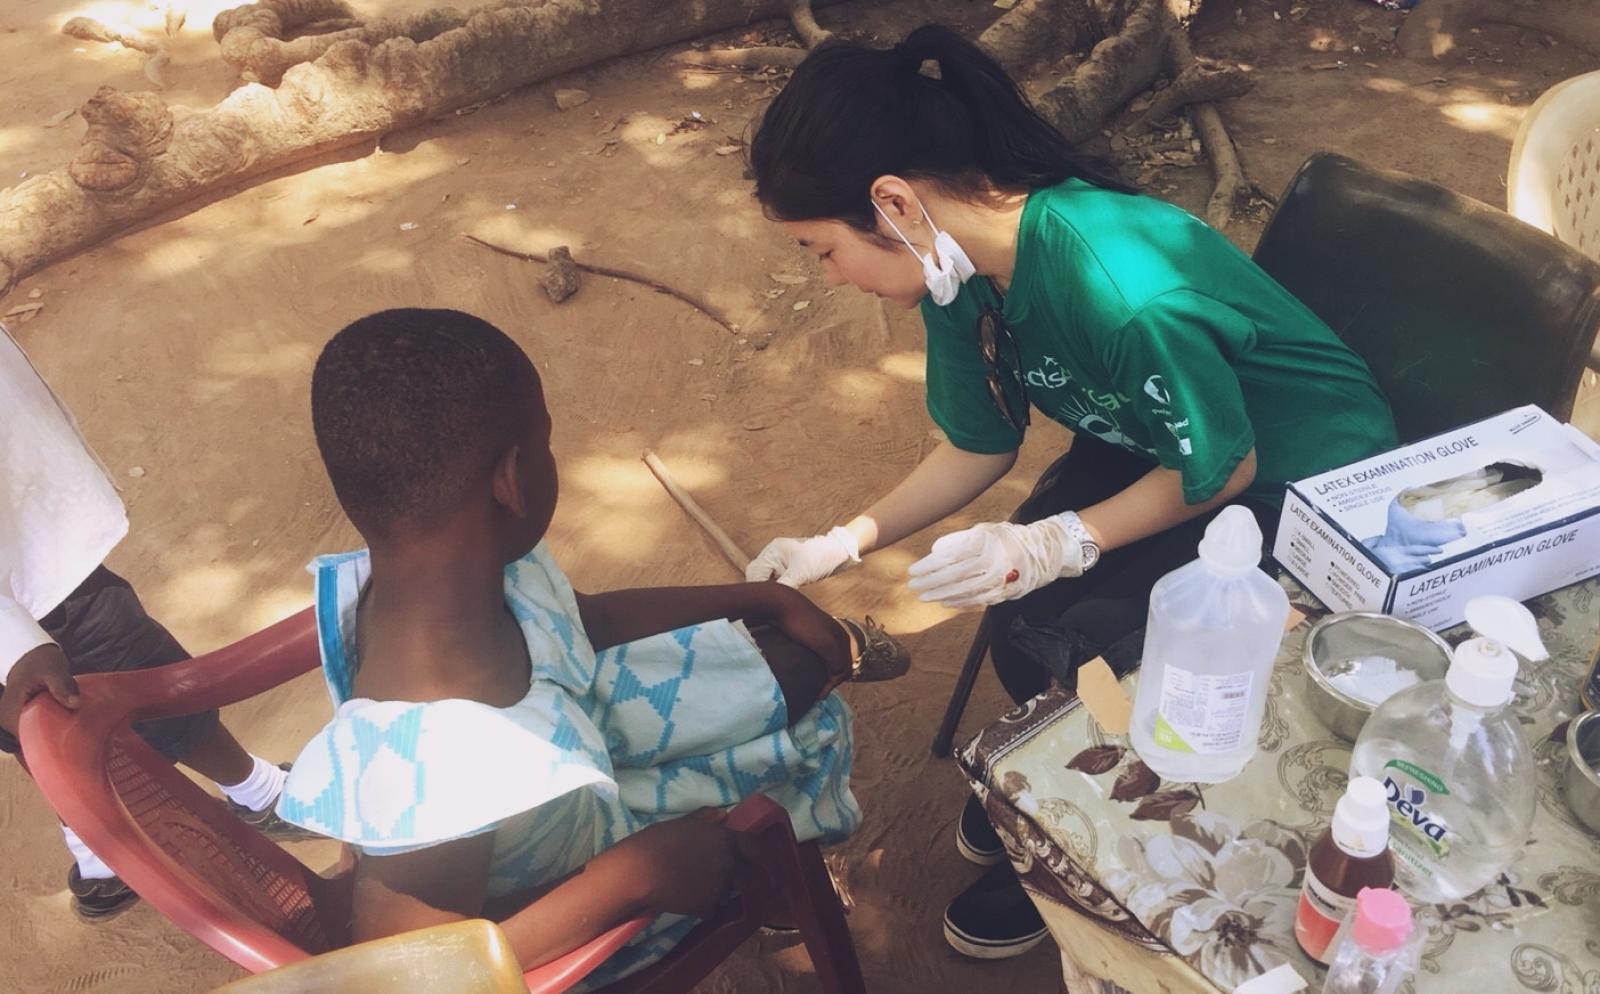 ガーナの子供たちにヘルスケアを届ける医療インターン前原里美さん